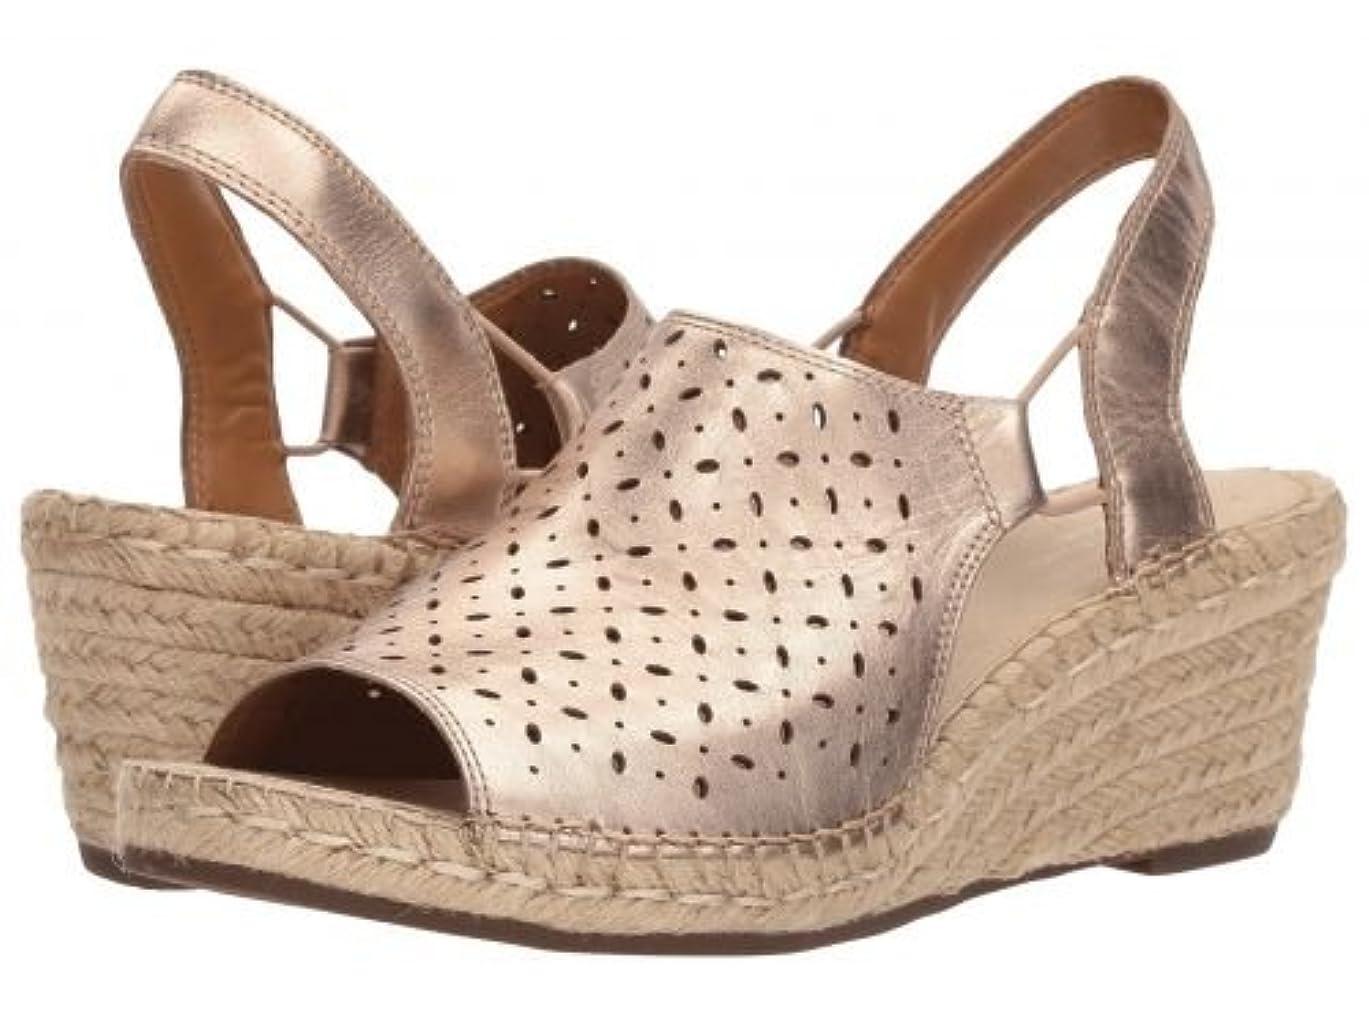 リレー視聴者宿命Clarks(クラークス) レディース 女性用 シューズ 靴 サンダル Petrina Gail - Gold Metallic Leather [並行輸入品]